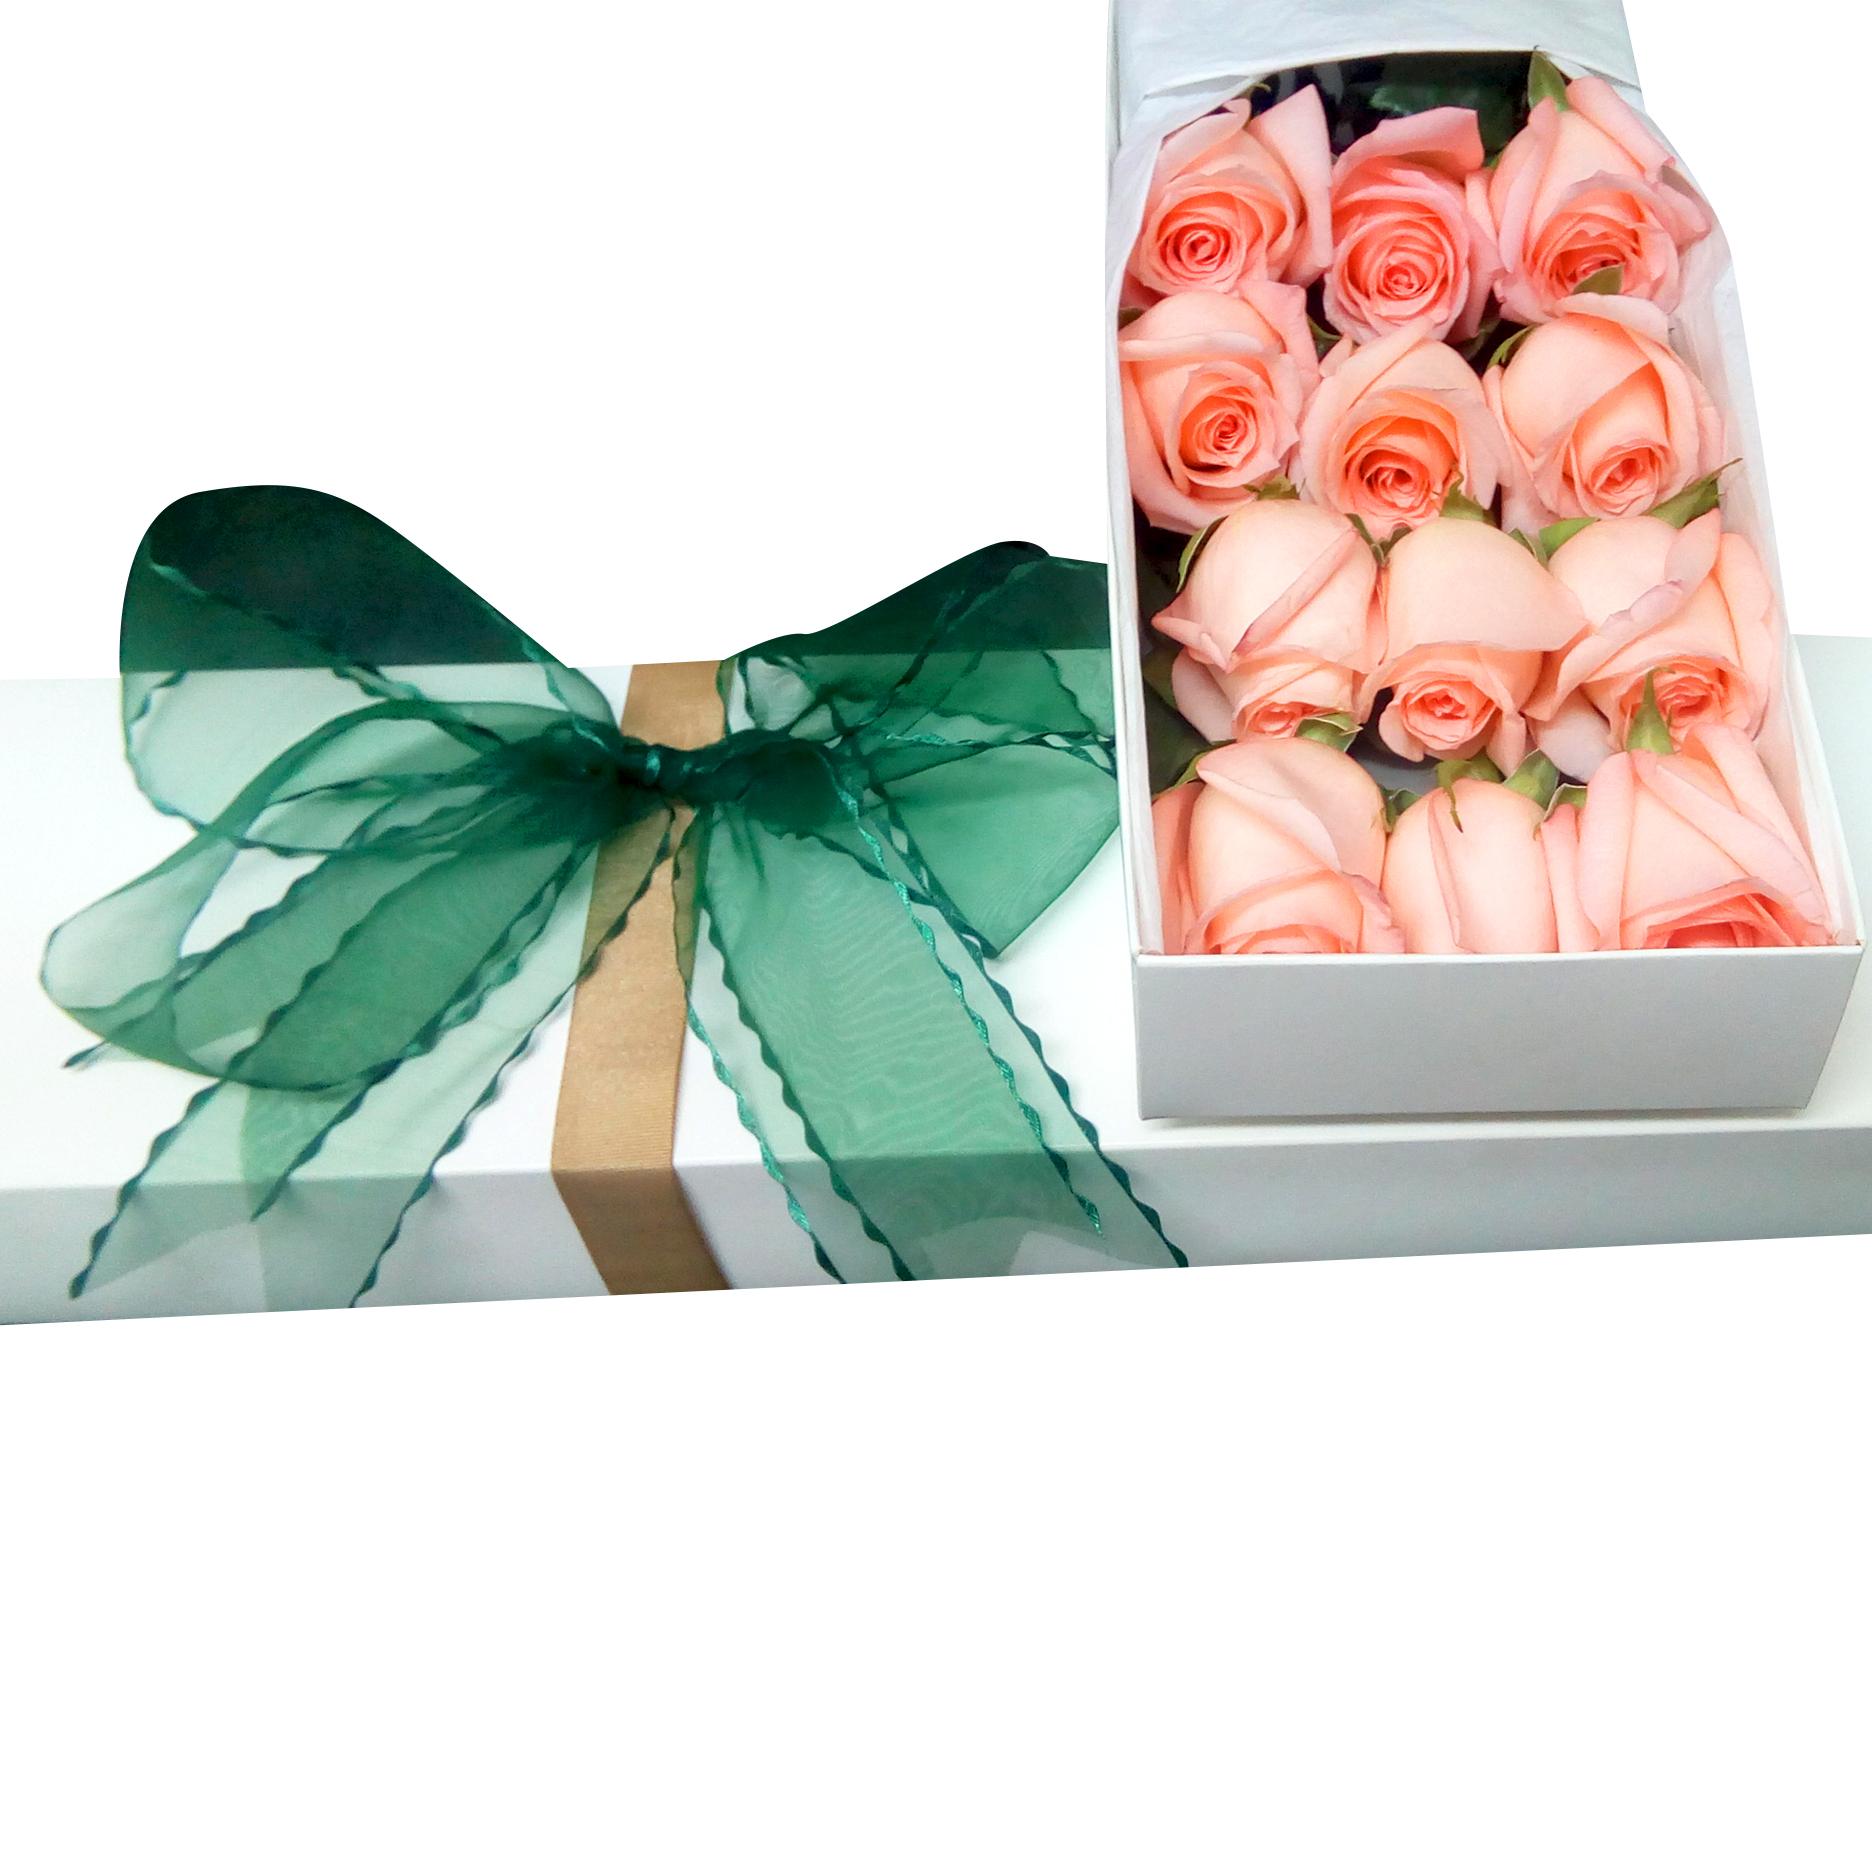 Caja con 12 bellisimas Rosas color Rosado